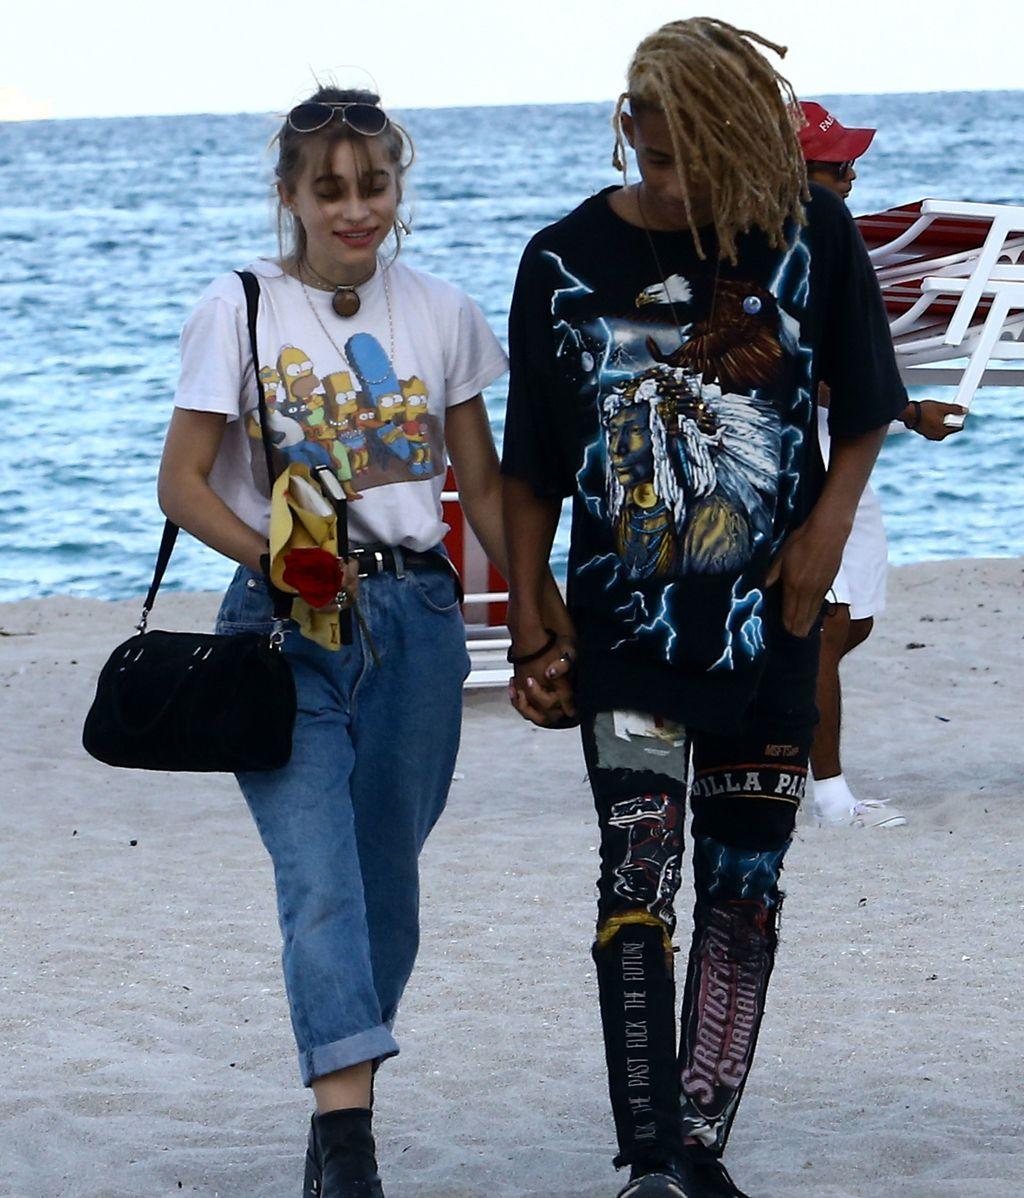 Pillada en la playa: Jaden Smith disfruta de las tumbonas en compañía